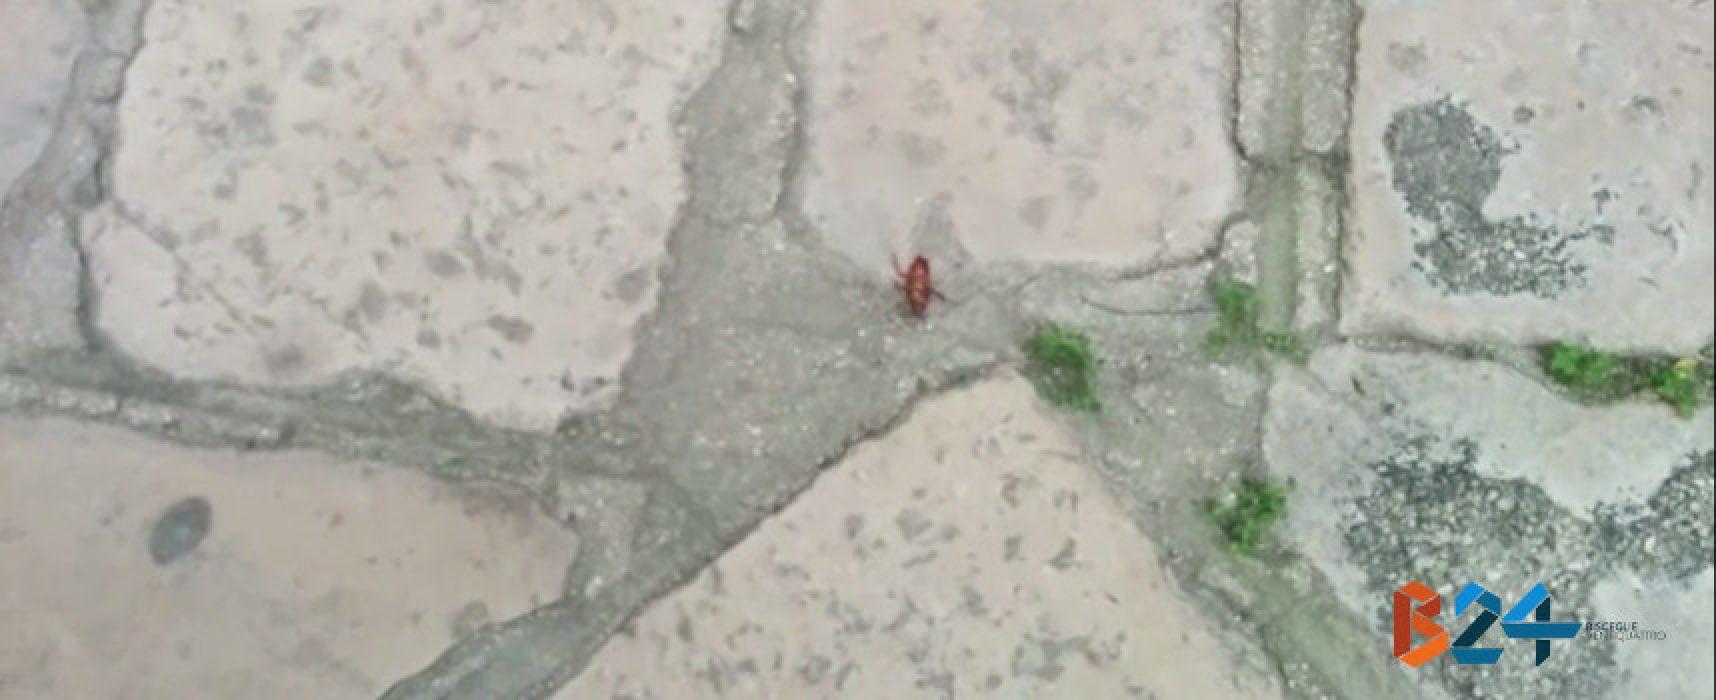 Scarafaggi invadono tratto di via Imbriani / VIDEO